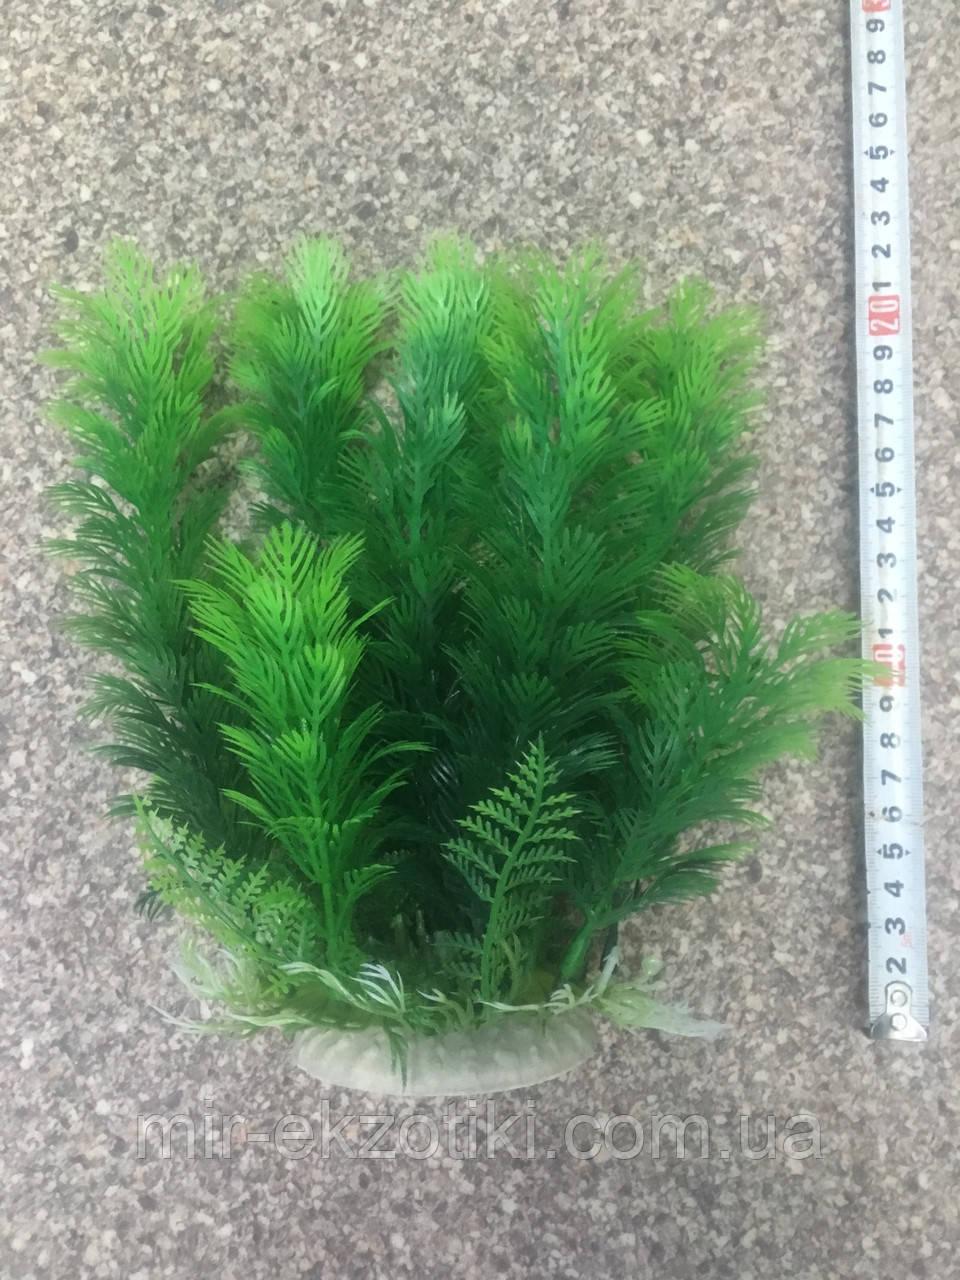 Искусственные растения 380202 (15-20cм)